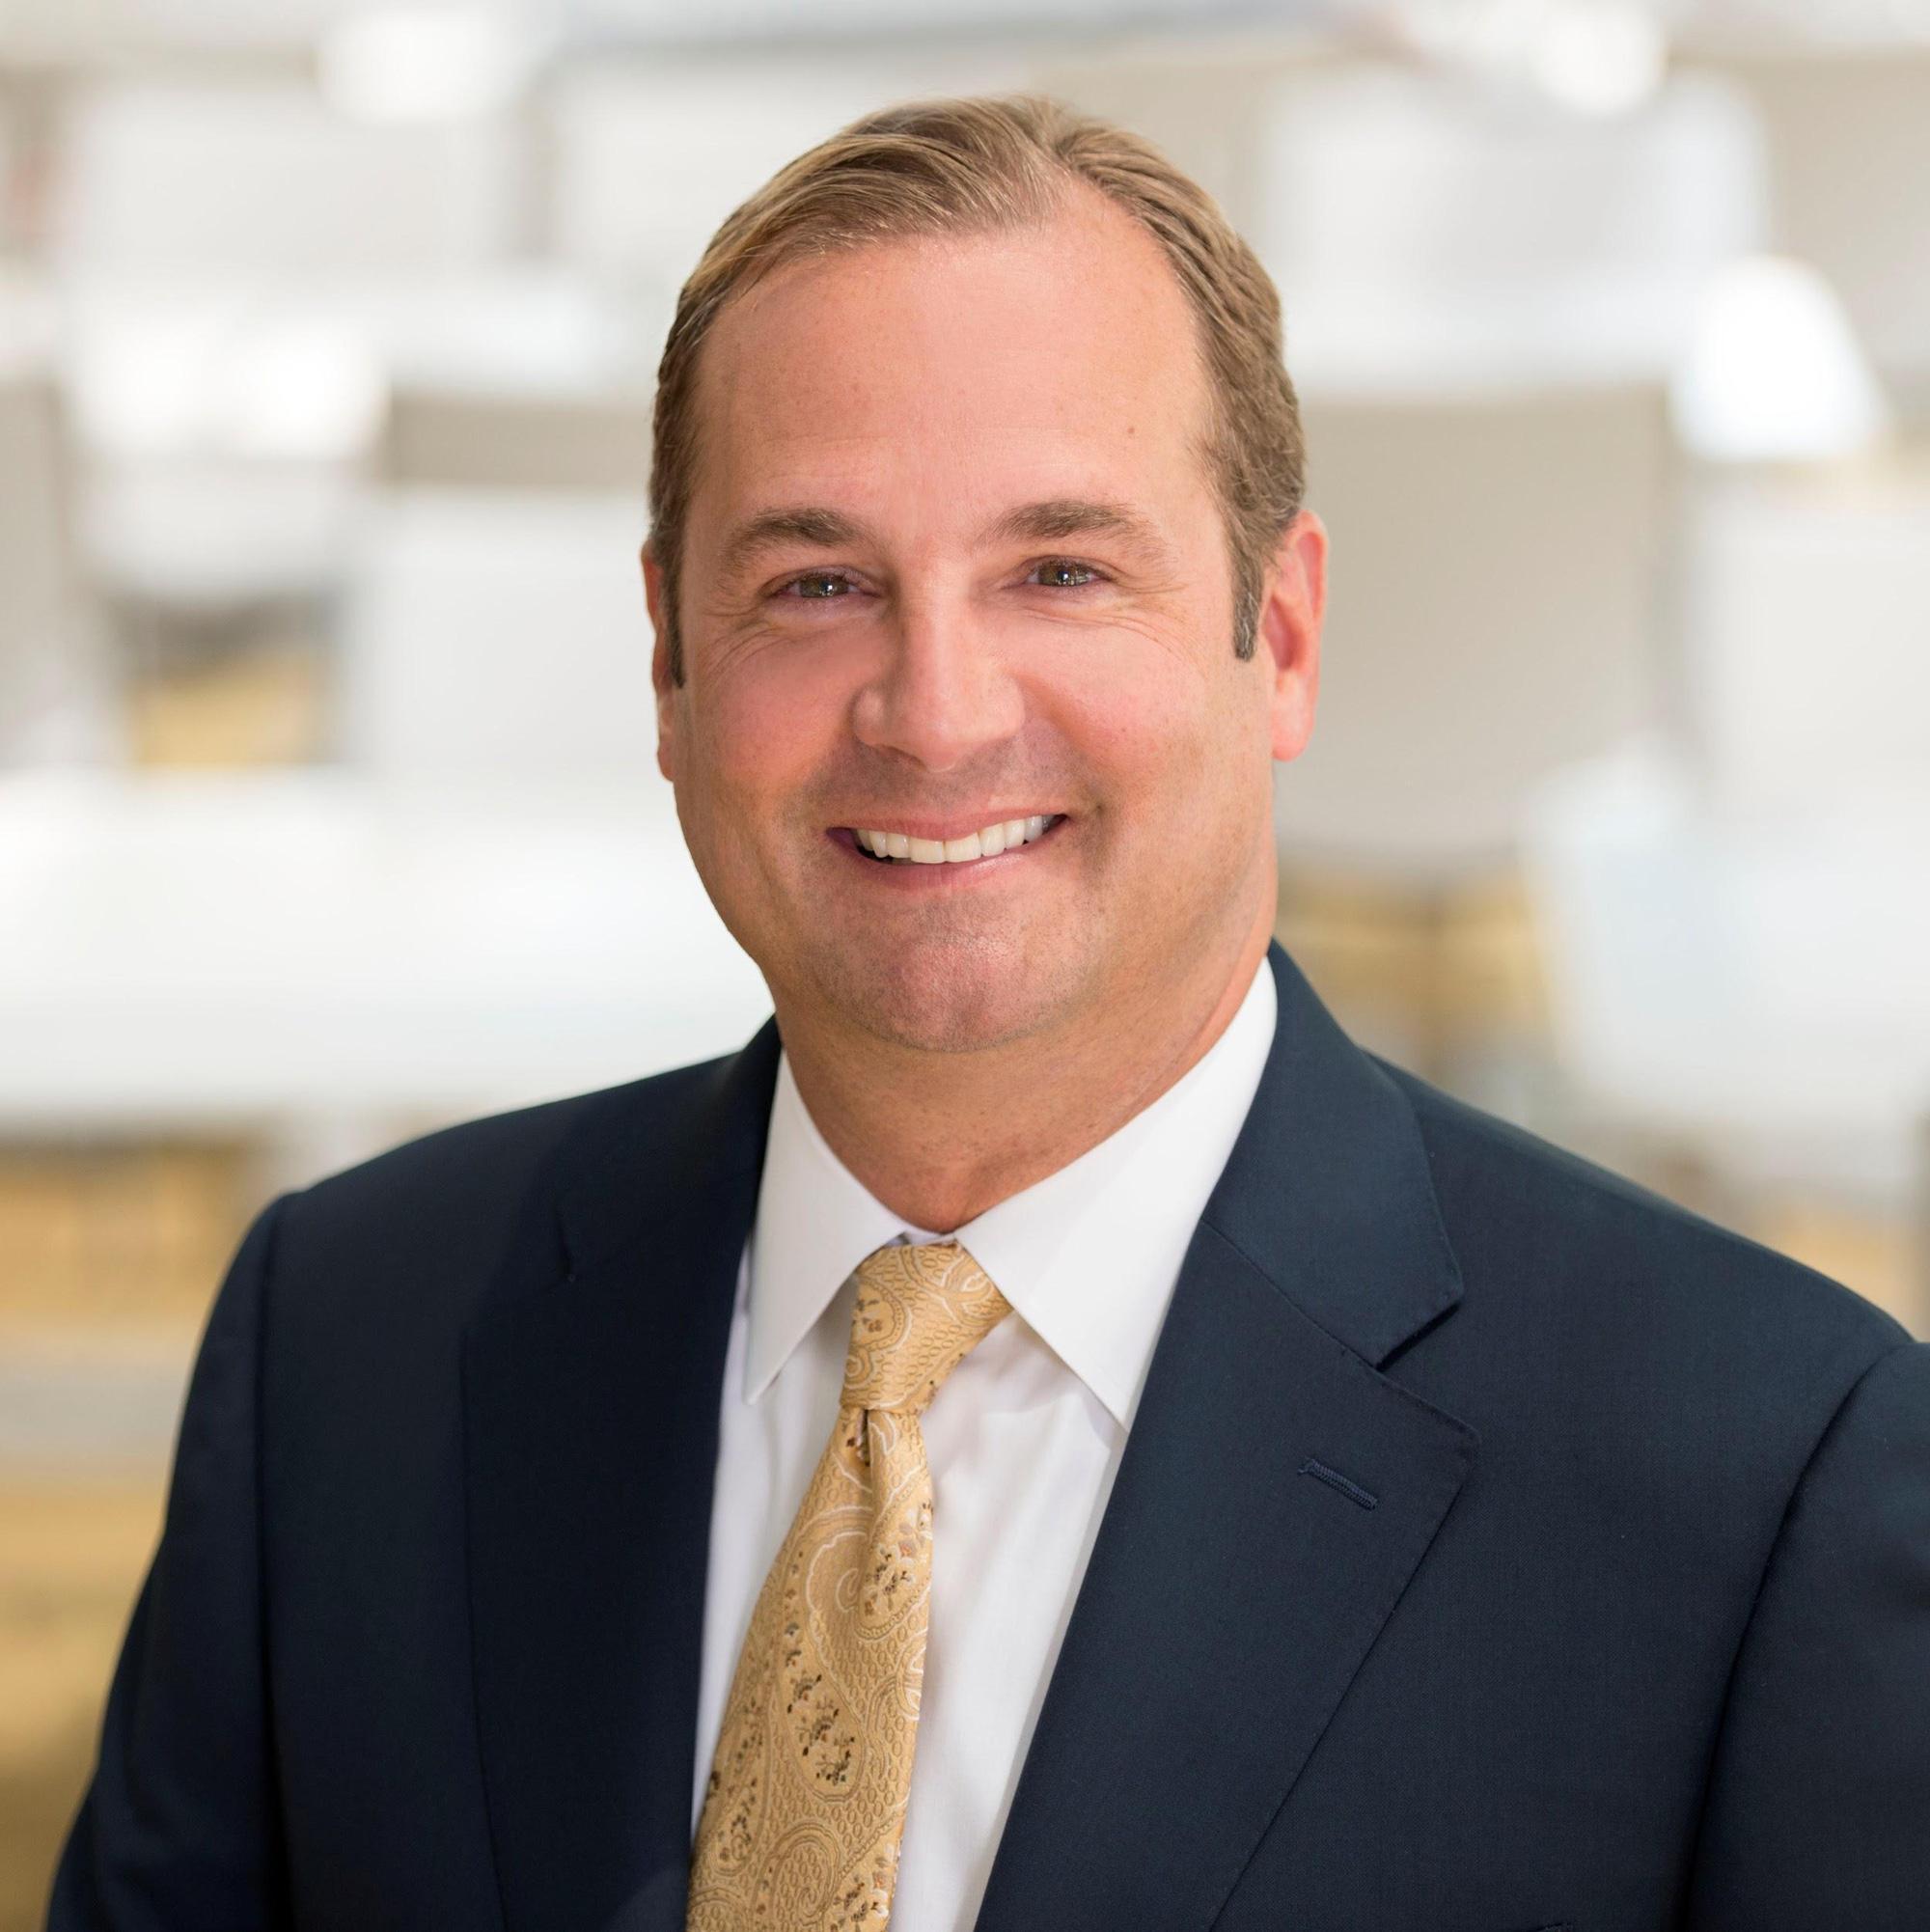 Marriott International bổ nhiệm giám đốc điều hành và chủ tịch mới - Ảnh 1.